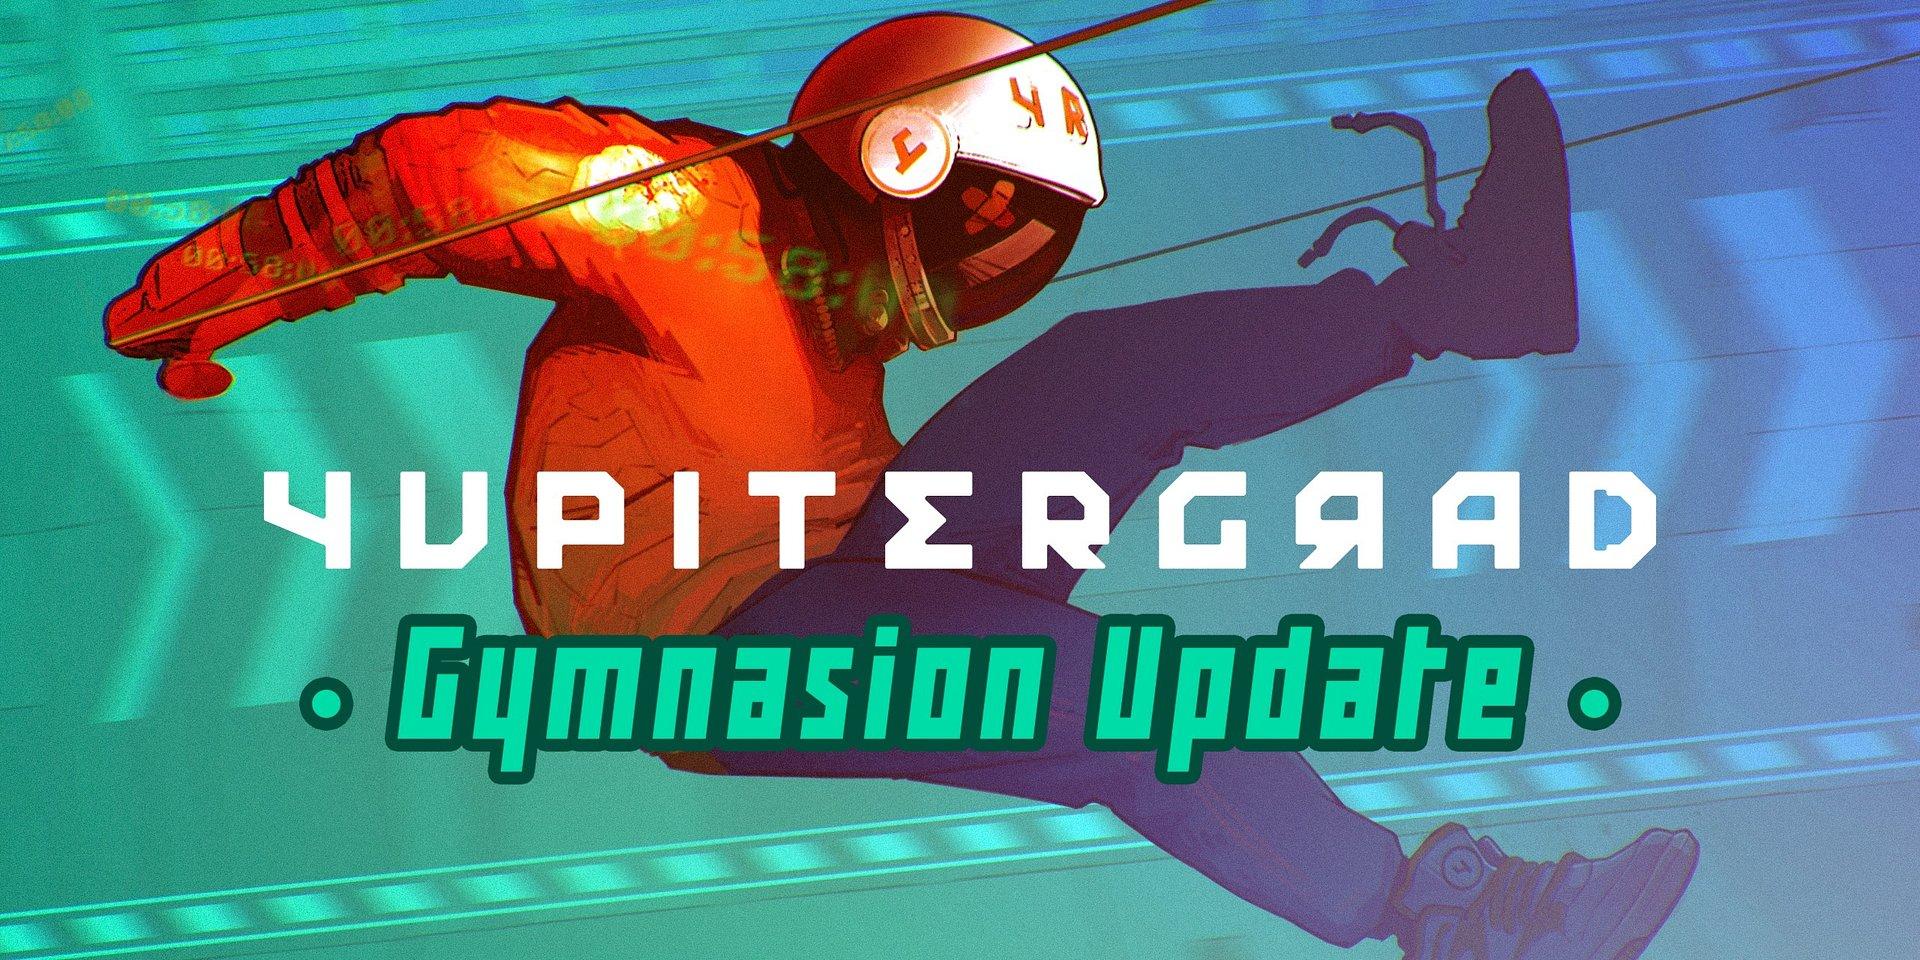 Gymnasion - бесплатное дополнение к Yupitergrad добавит новый игровой режим!